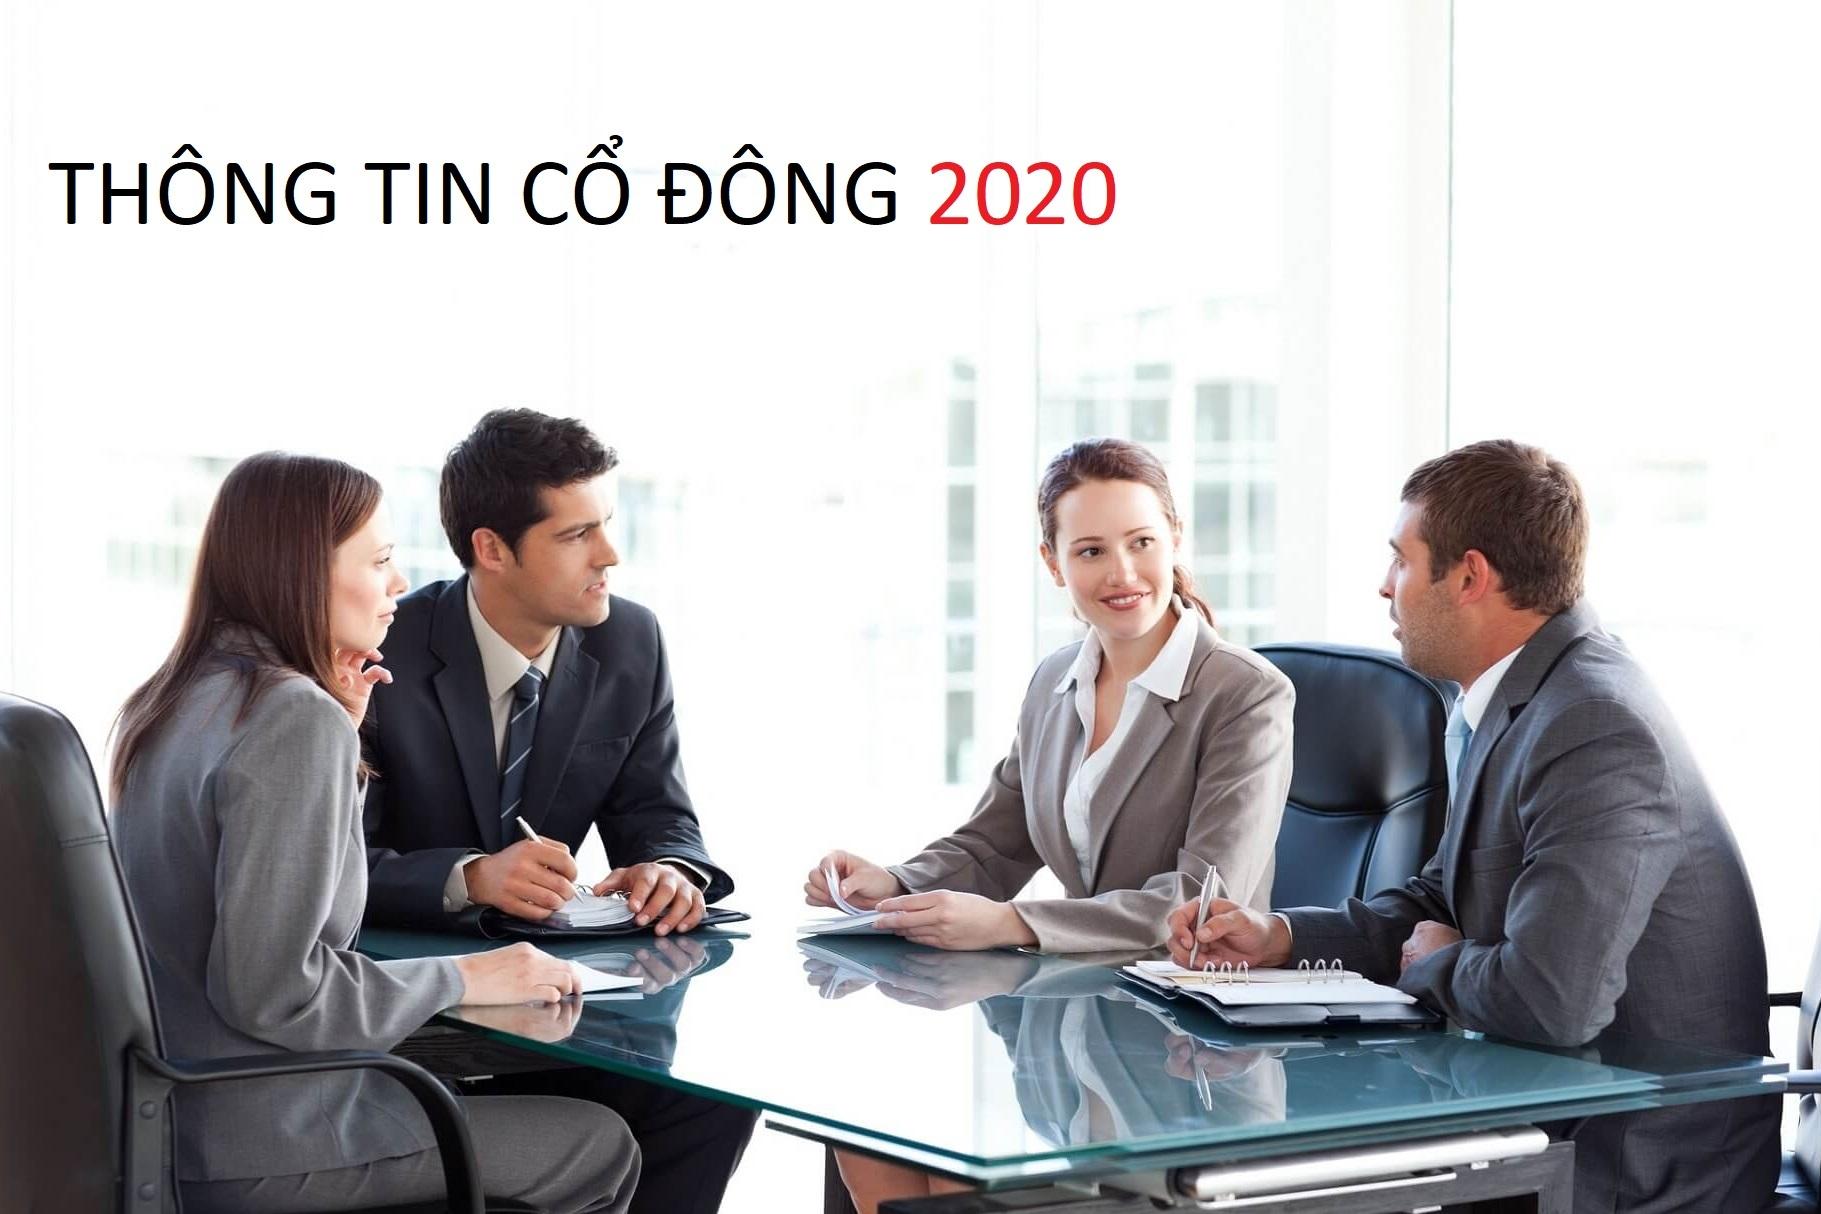 Thông Tin Cổ Đông năm 2020